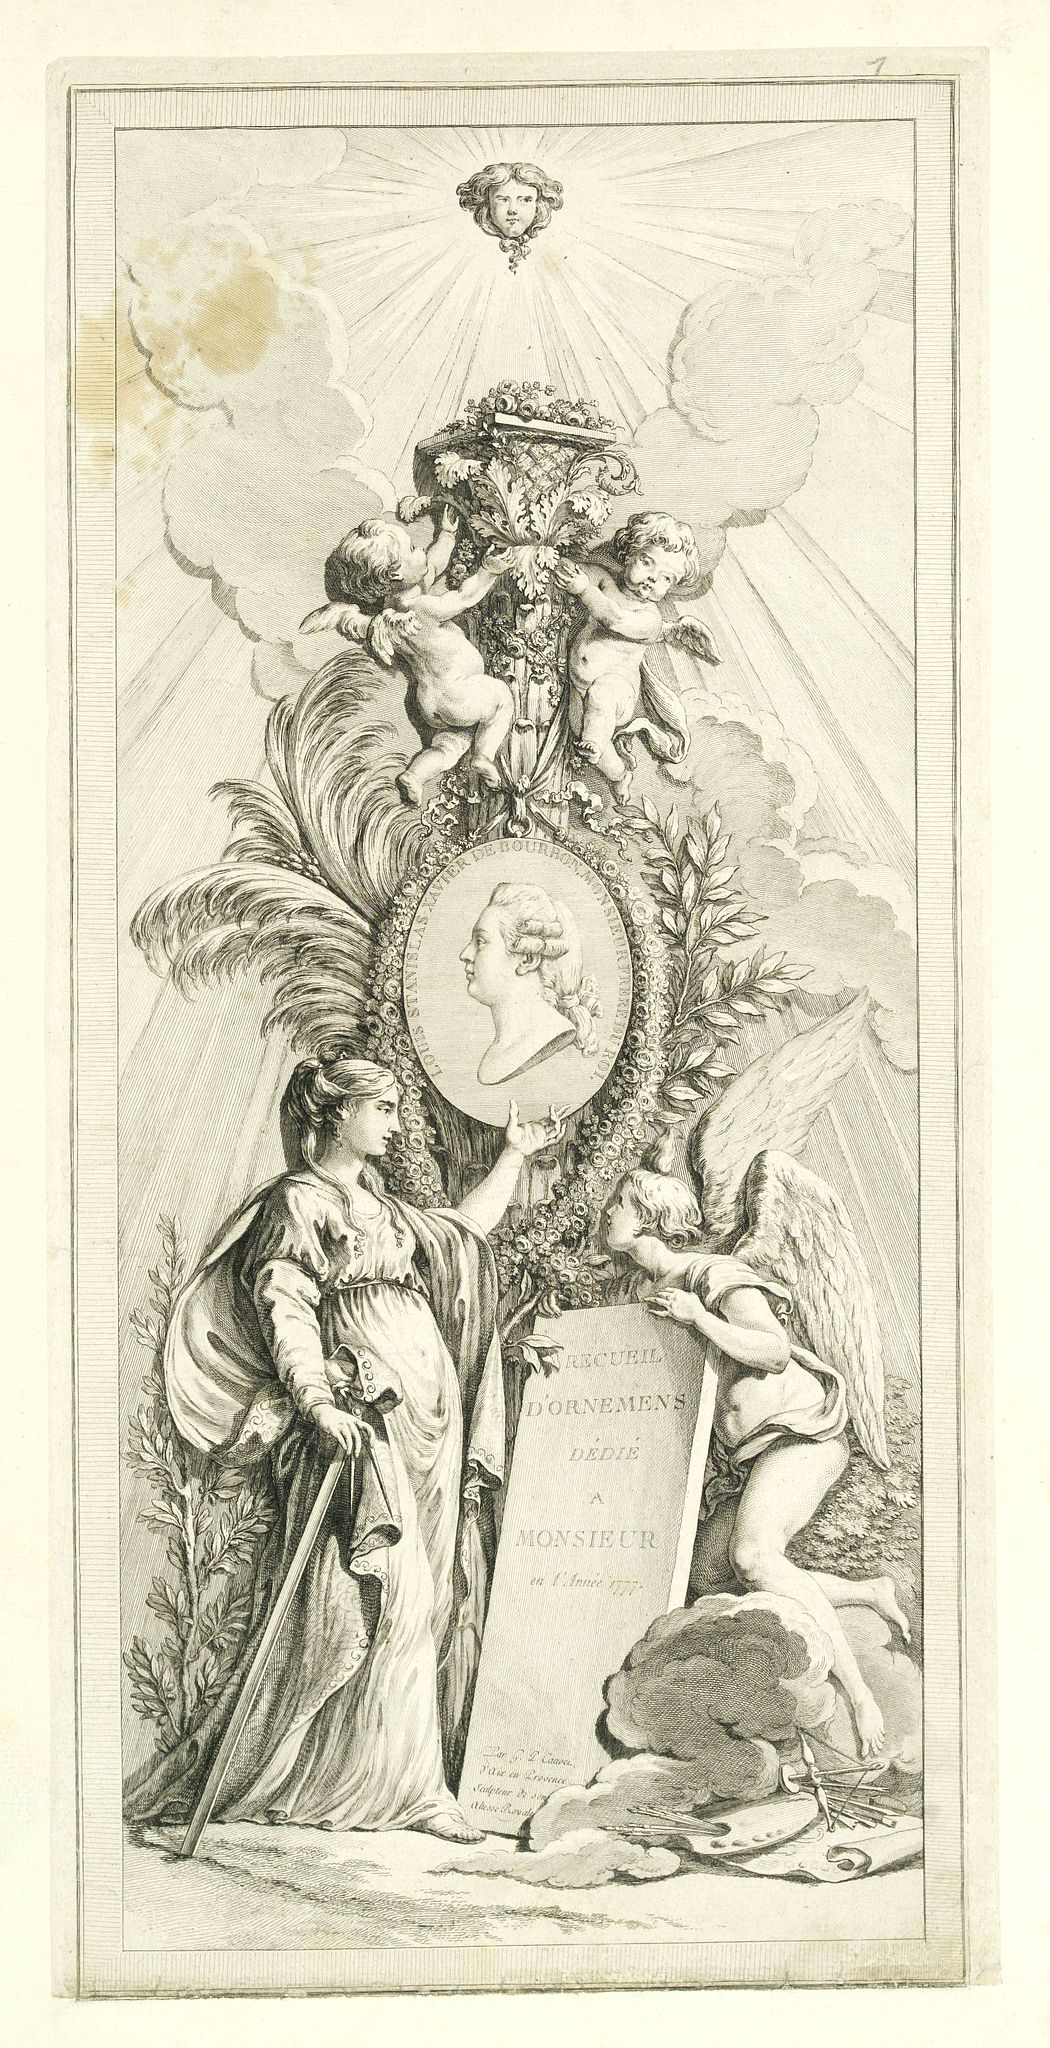 CAUPER, G-P. -  (Title page) Recueil d'ornemen dédié a Monsieur en l'année 1777.